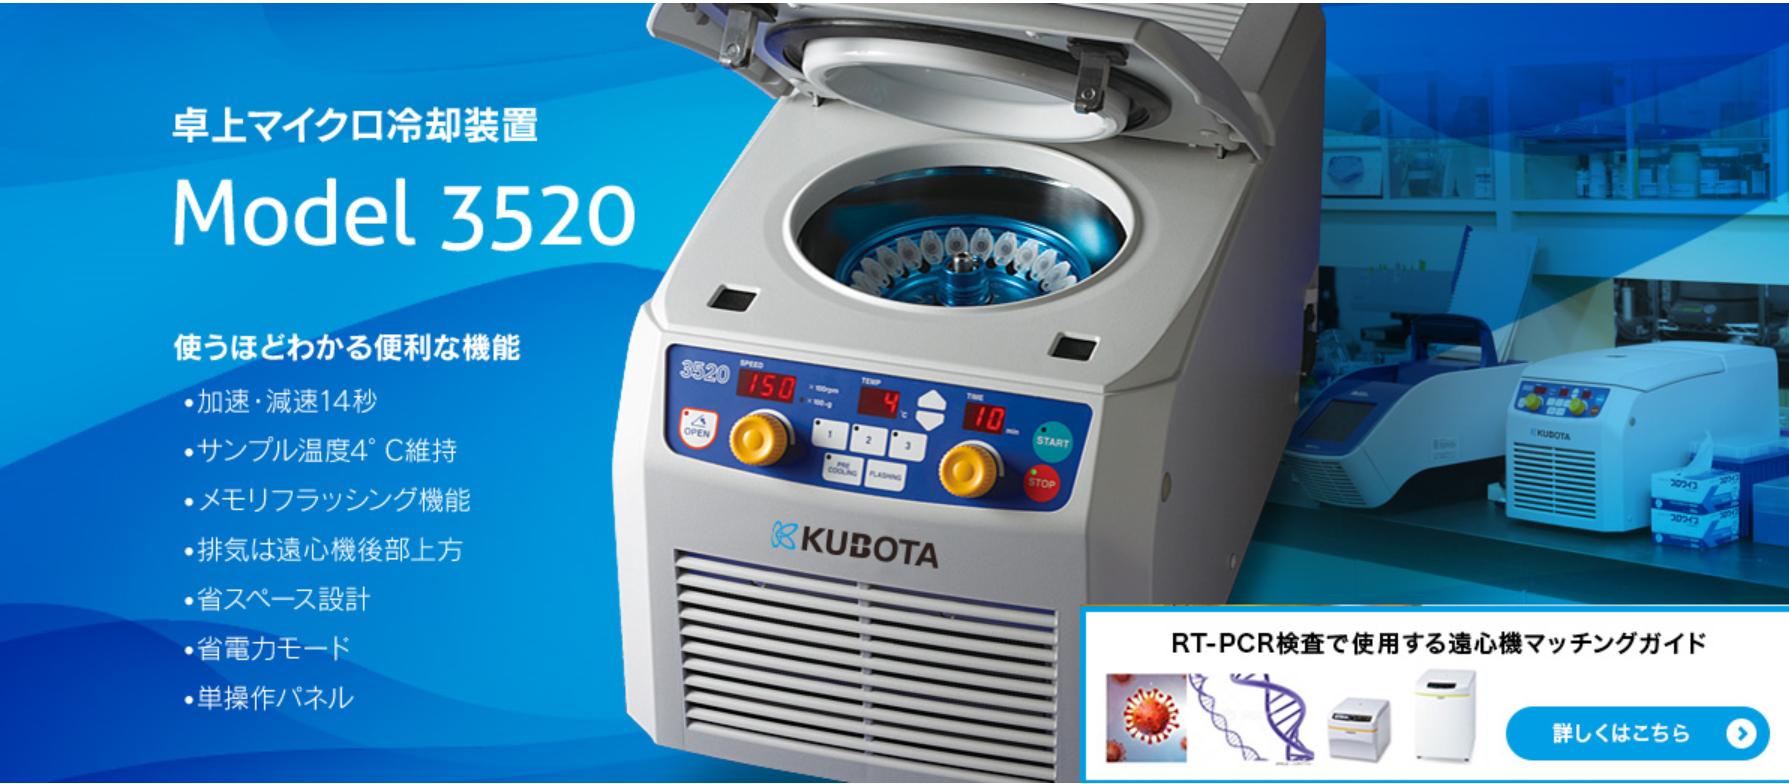 久保田商事 RT-PCR検査で使用する遠心機マッチングガイド